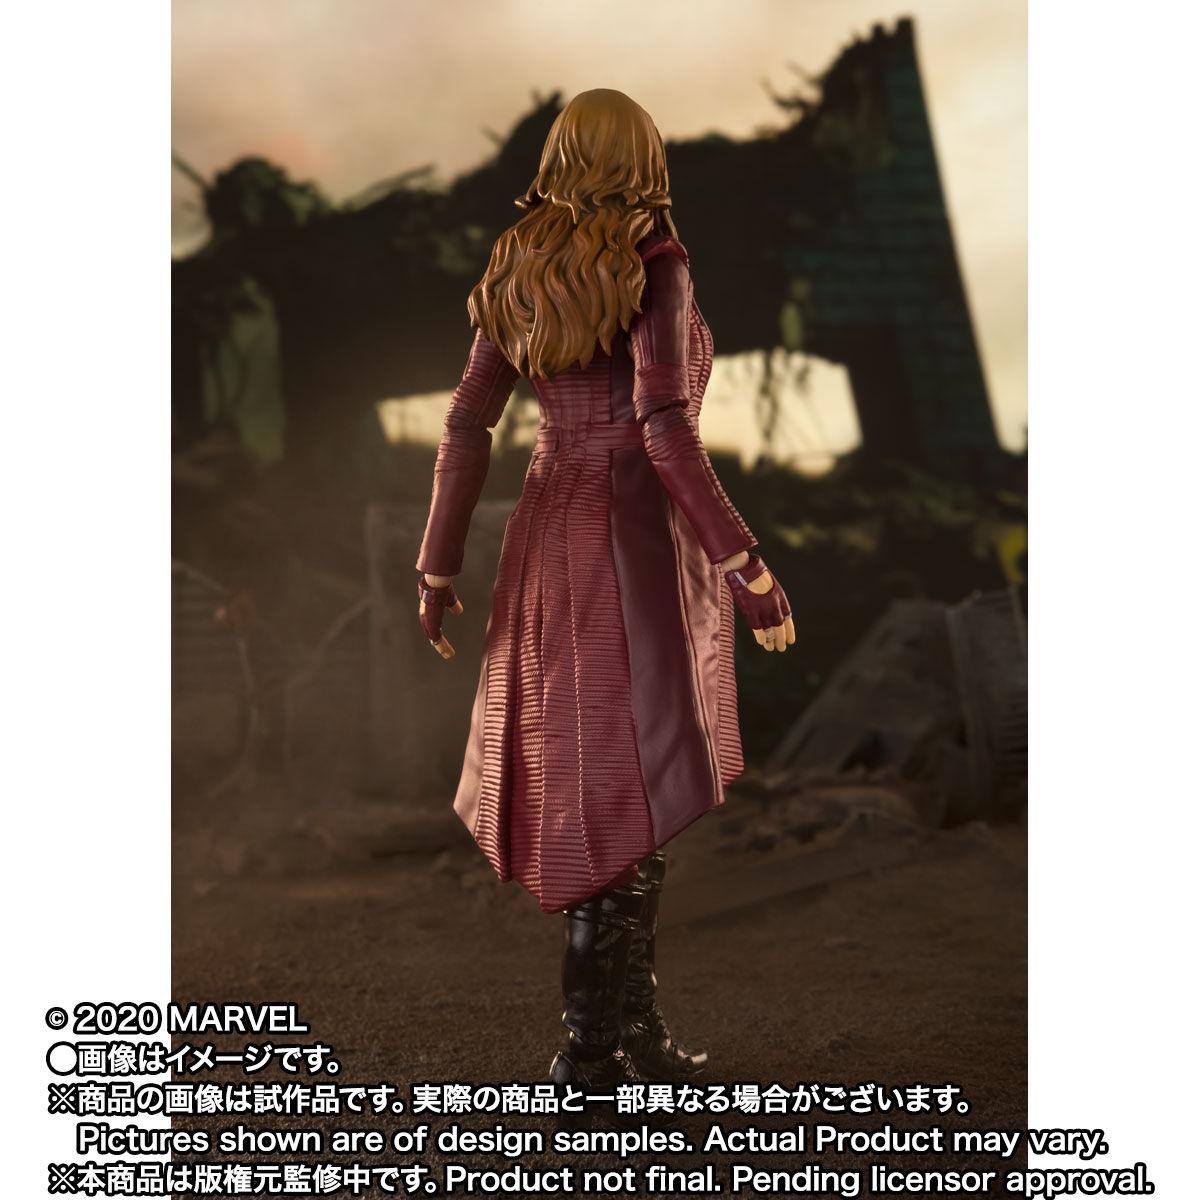 【限定販売】S.H.Figuarts『スカーレット・ウィッチ』アベンジャーズ/エンドゲーム 可動フィギュア-004